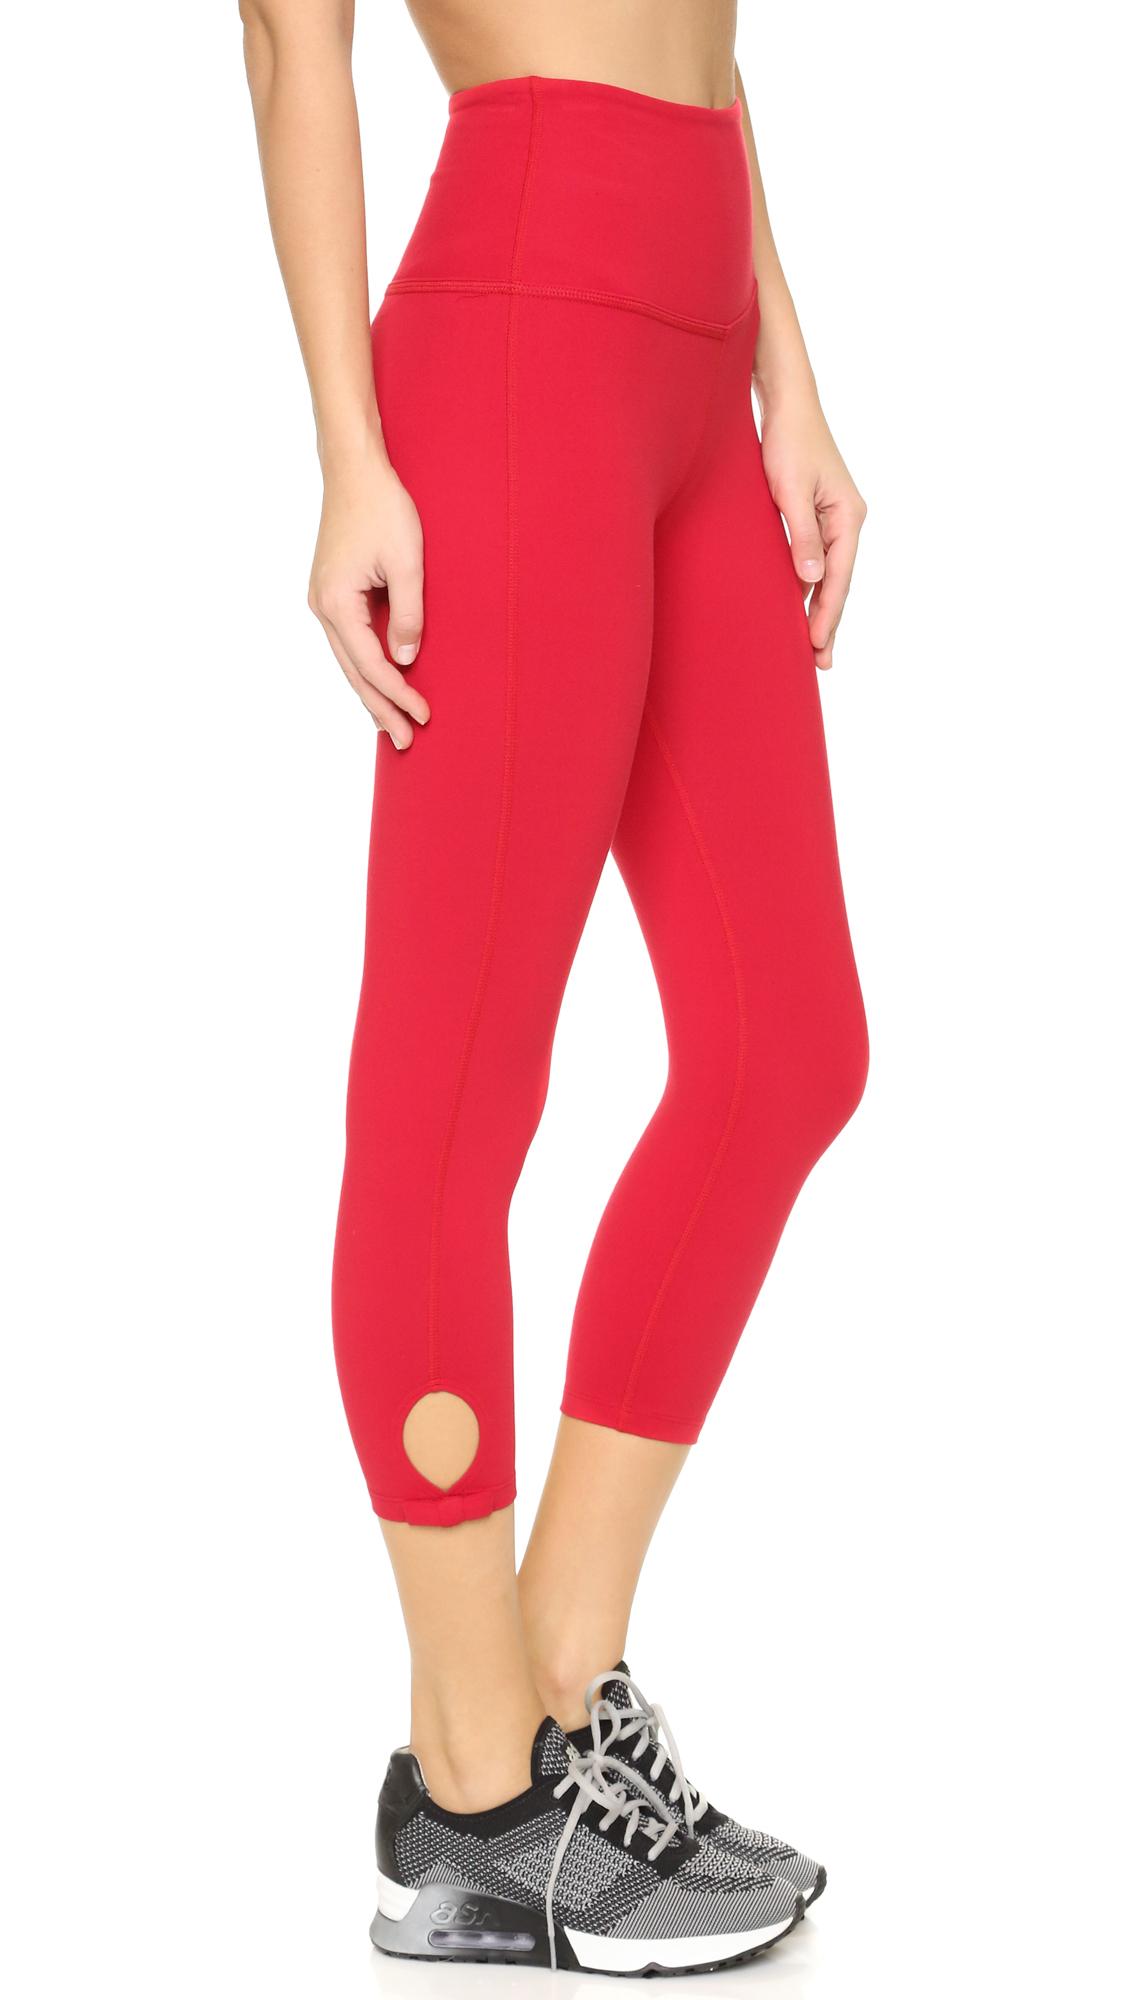 Red Capri Leggings - Trendy Clothes